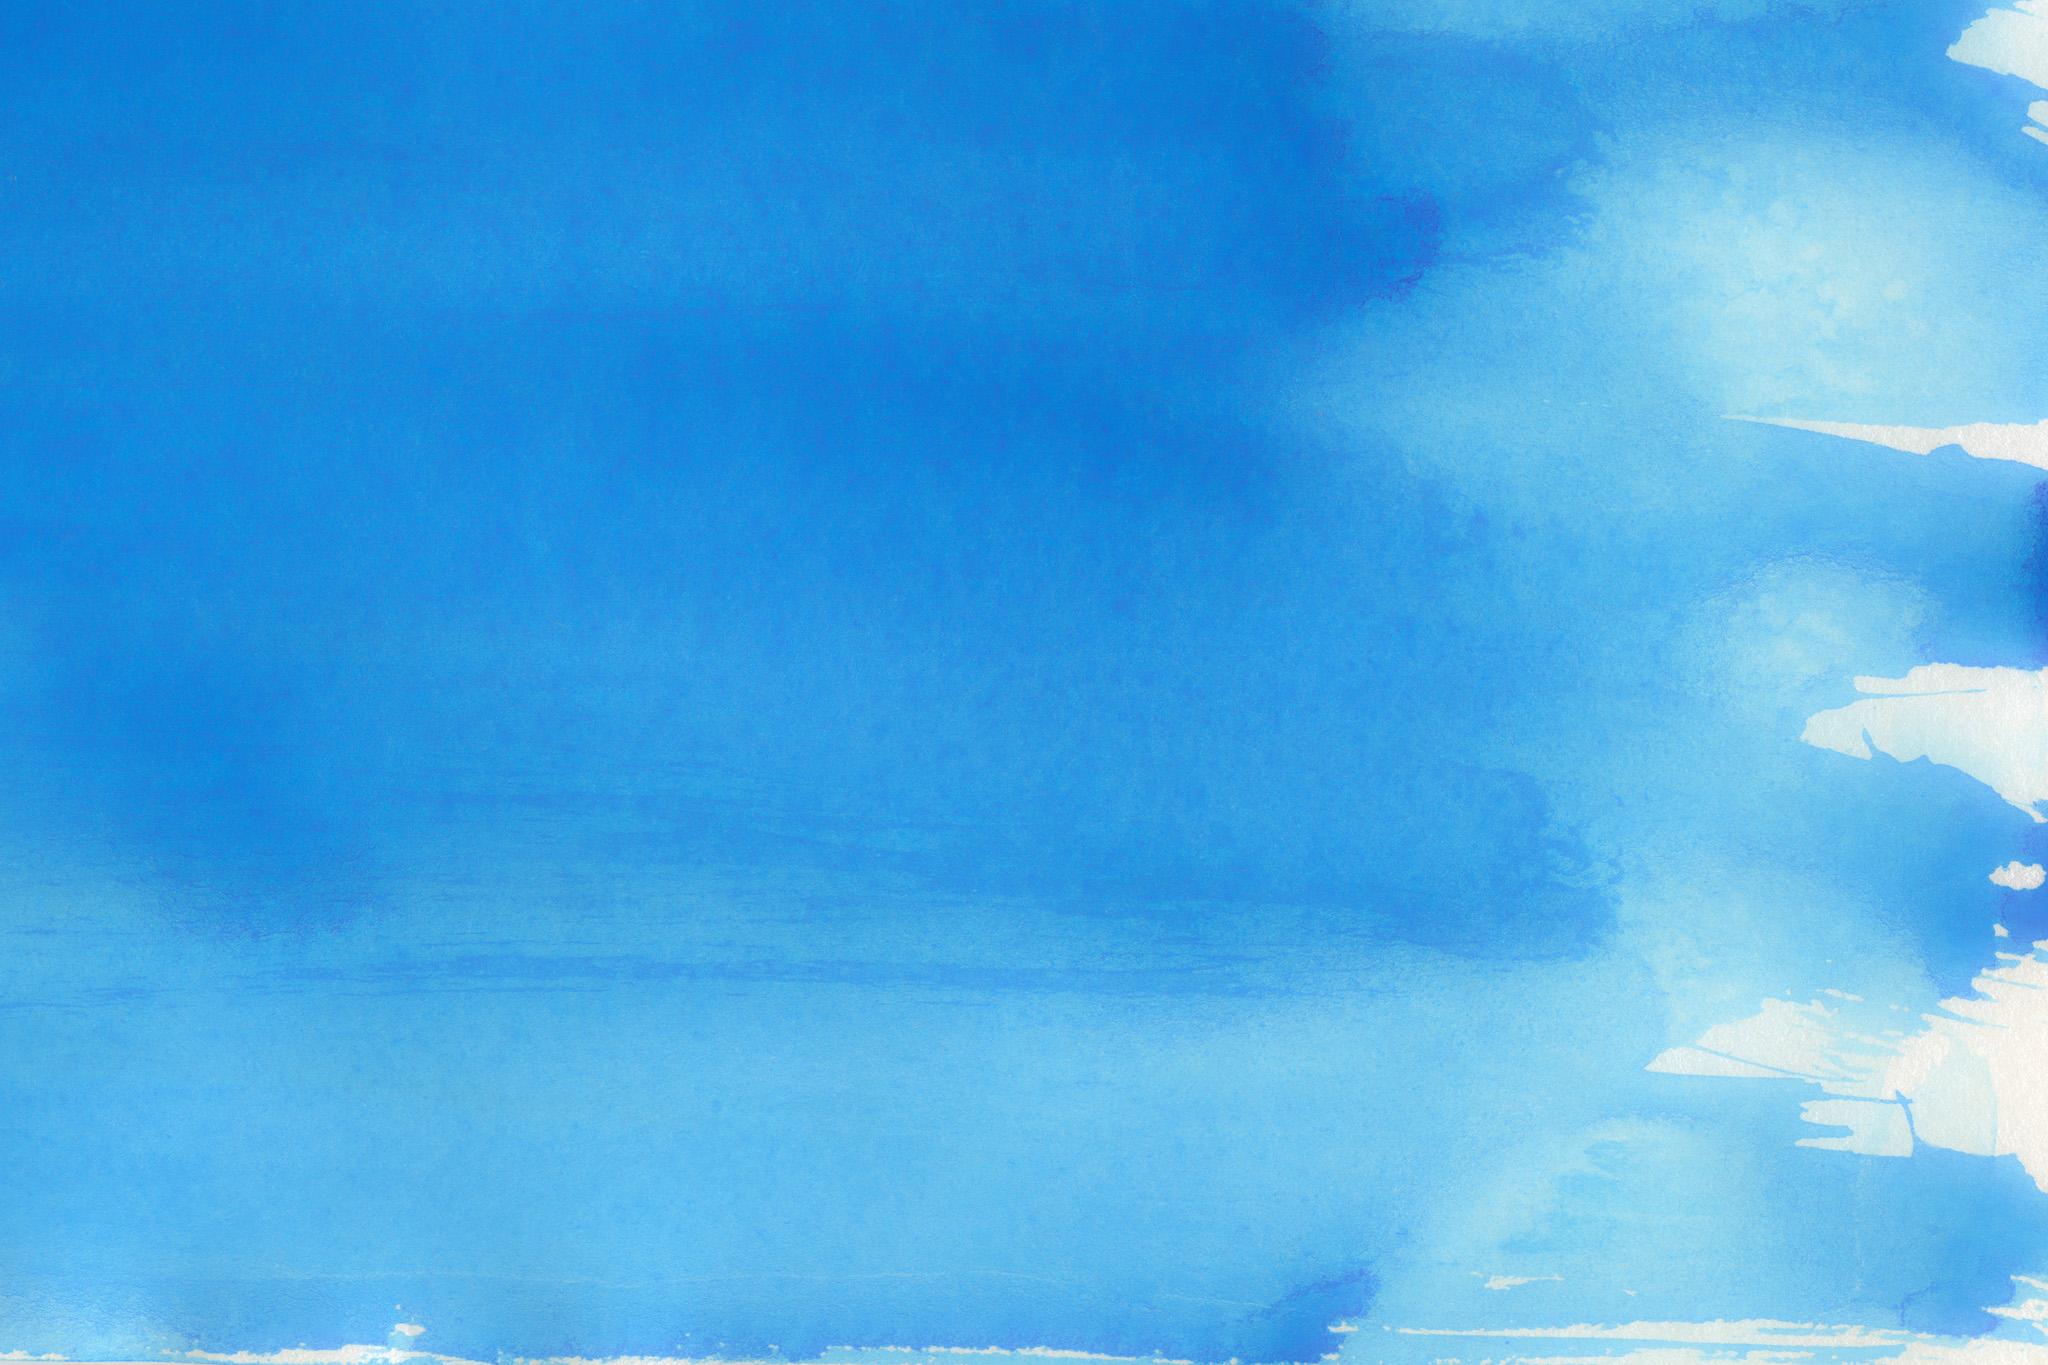 「ブルーに塗った水彩グラデーション」